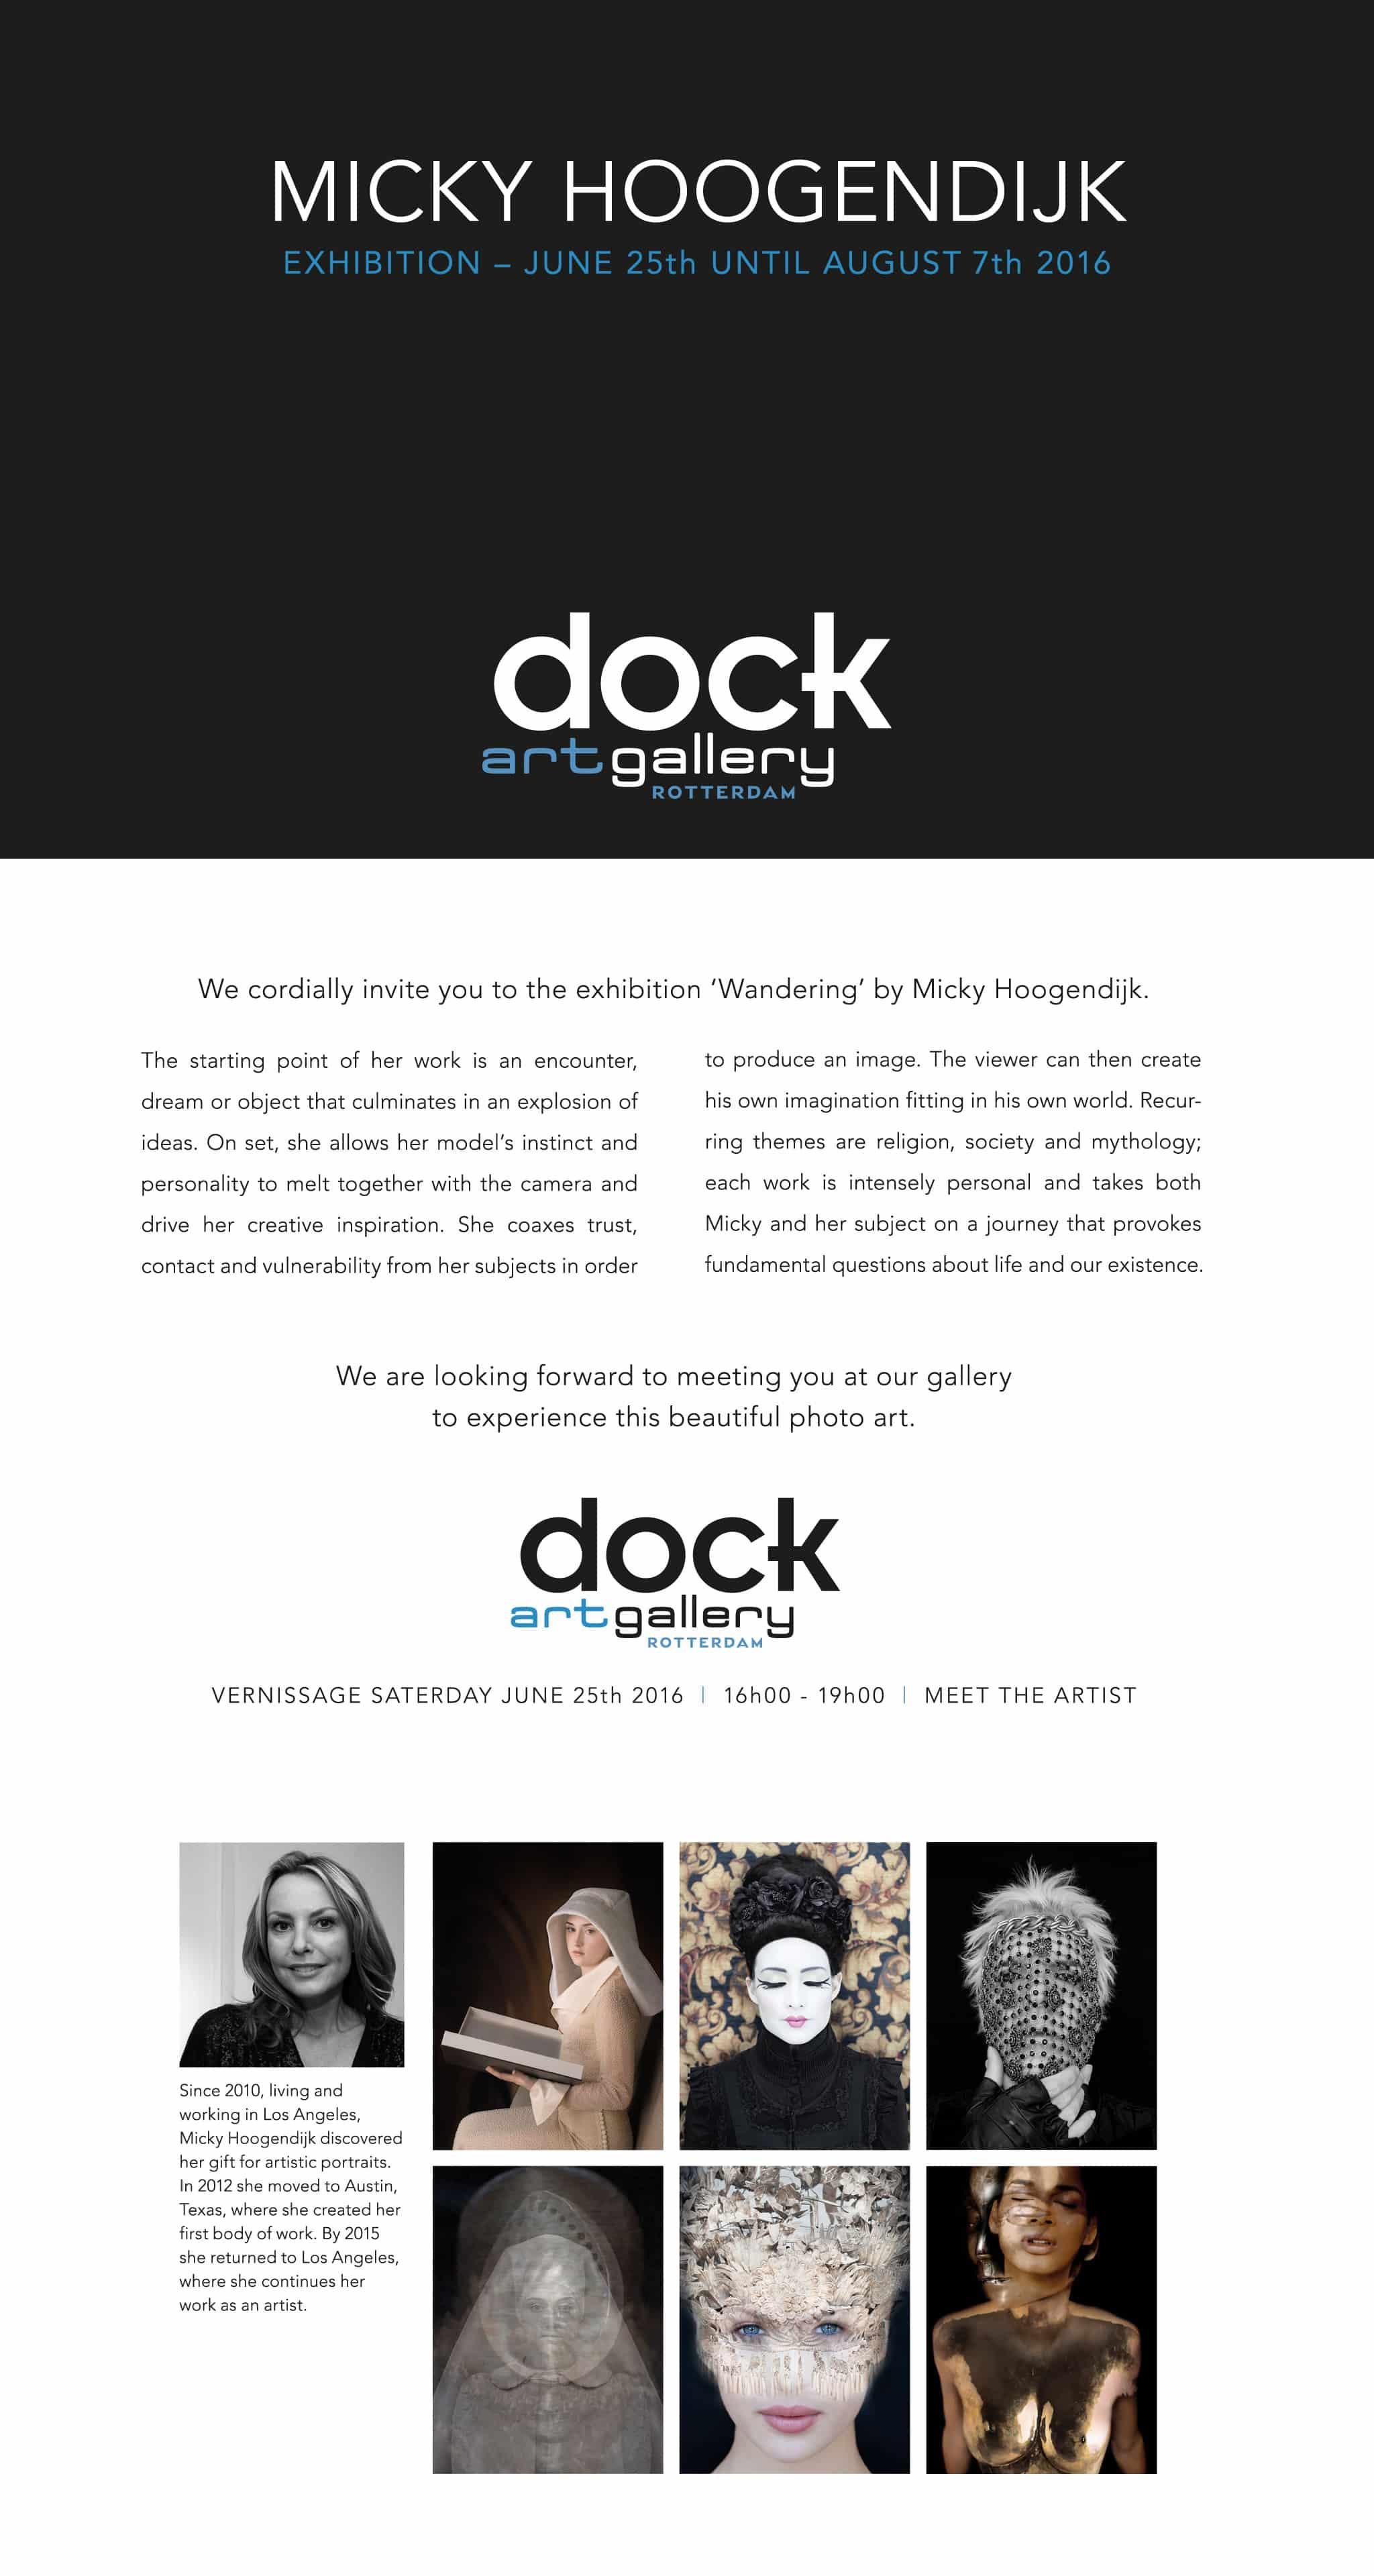 DockGallery_MickyHoogendijk